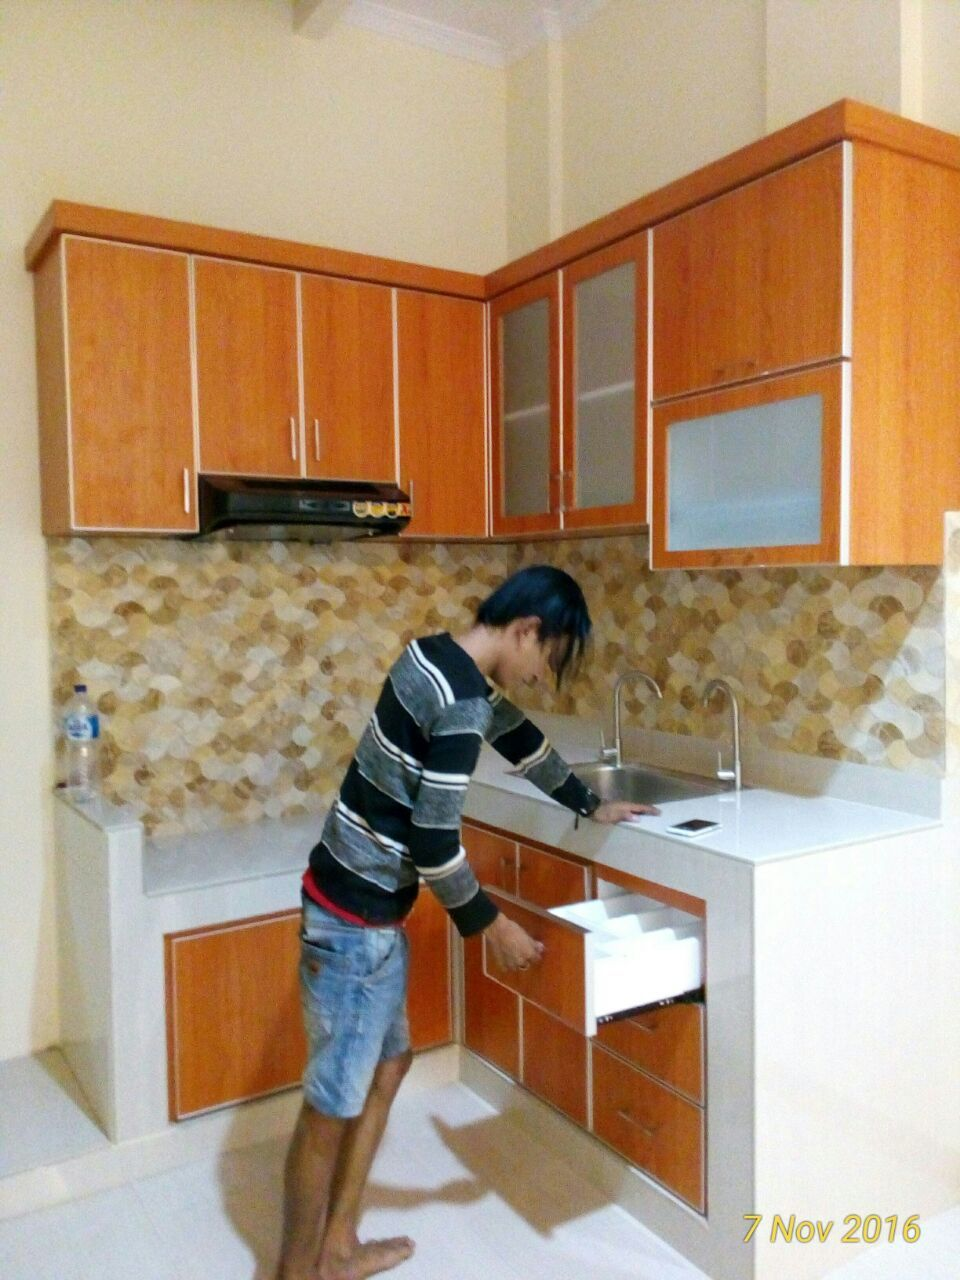 Lemari Gantung Dapur Memang Menjadi Idaman Bagi Ibu Rumah Tangga Dengan Adanya Perabot Ini Membuat Semakin Betah Untuk Berada Di